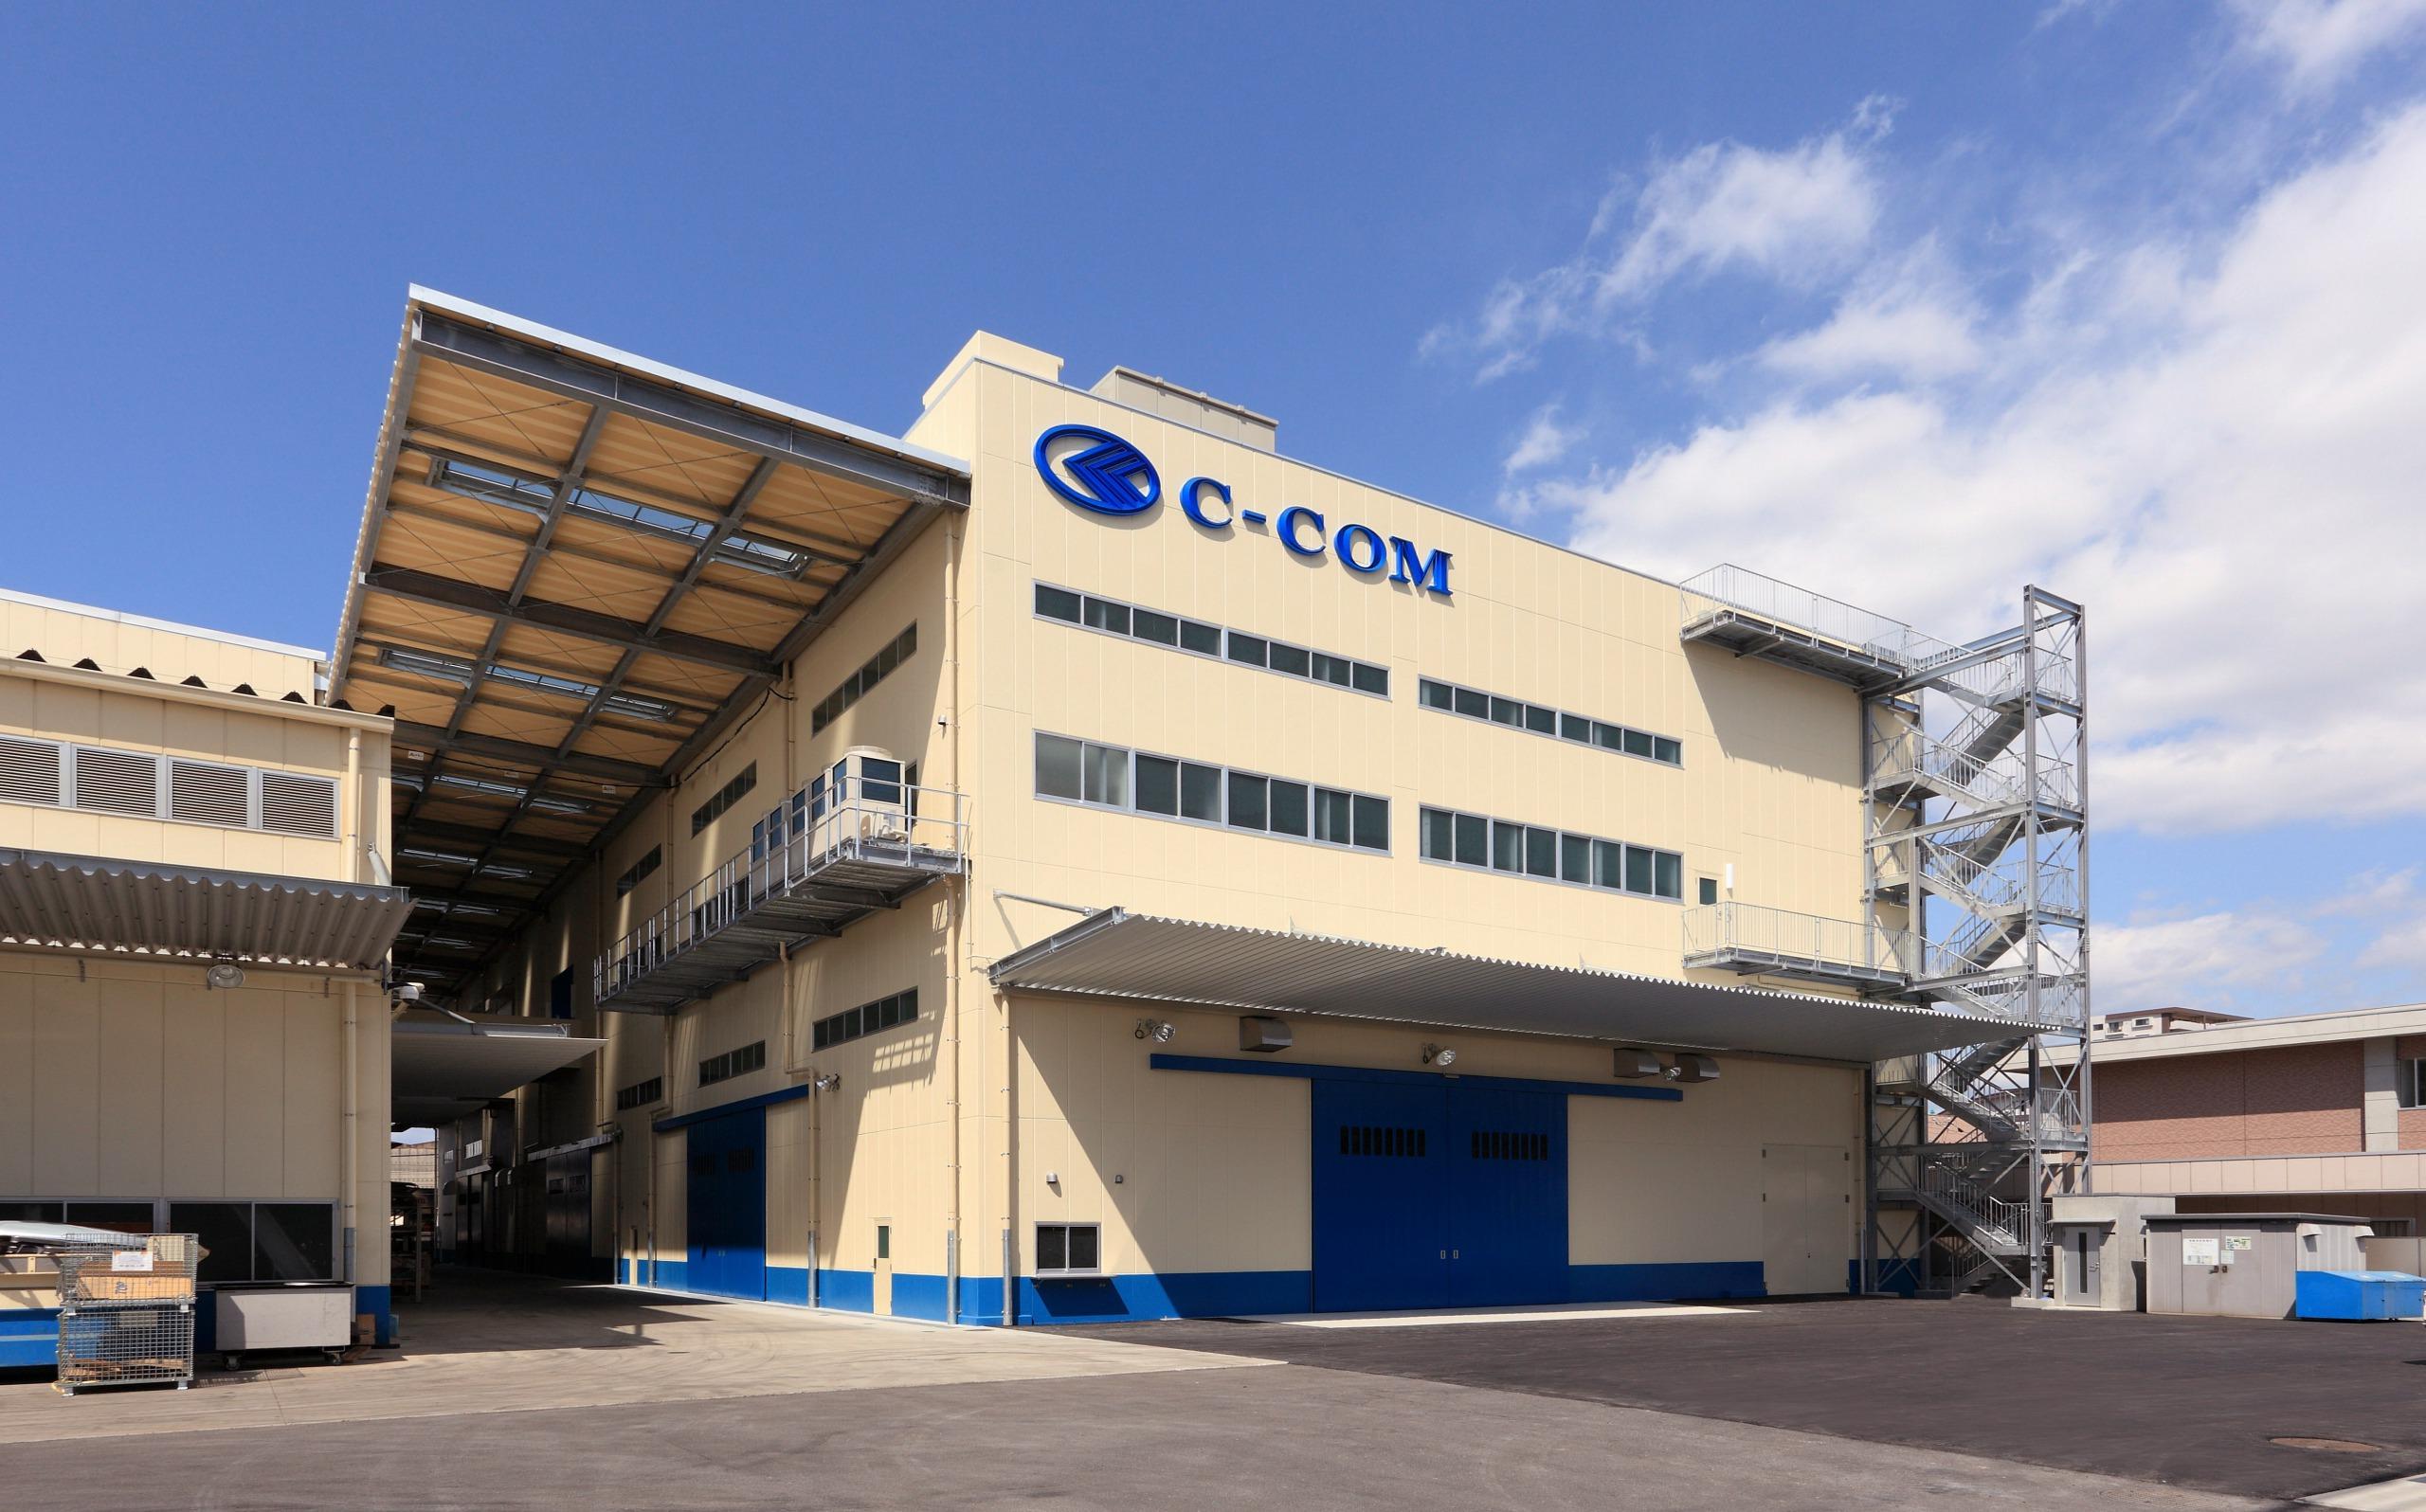 写真:シーコム株式会社倉庫